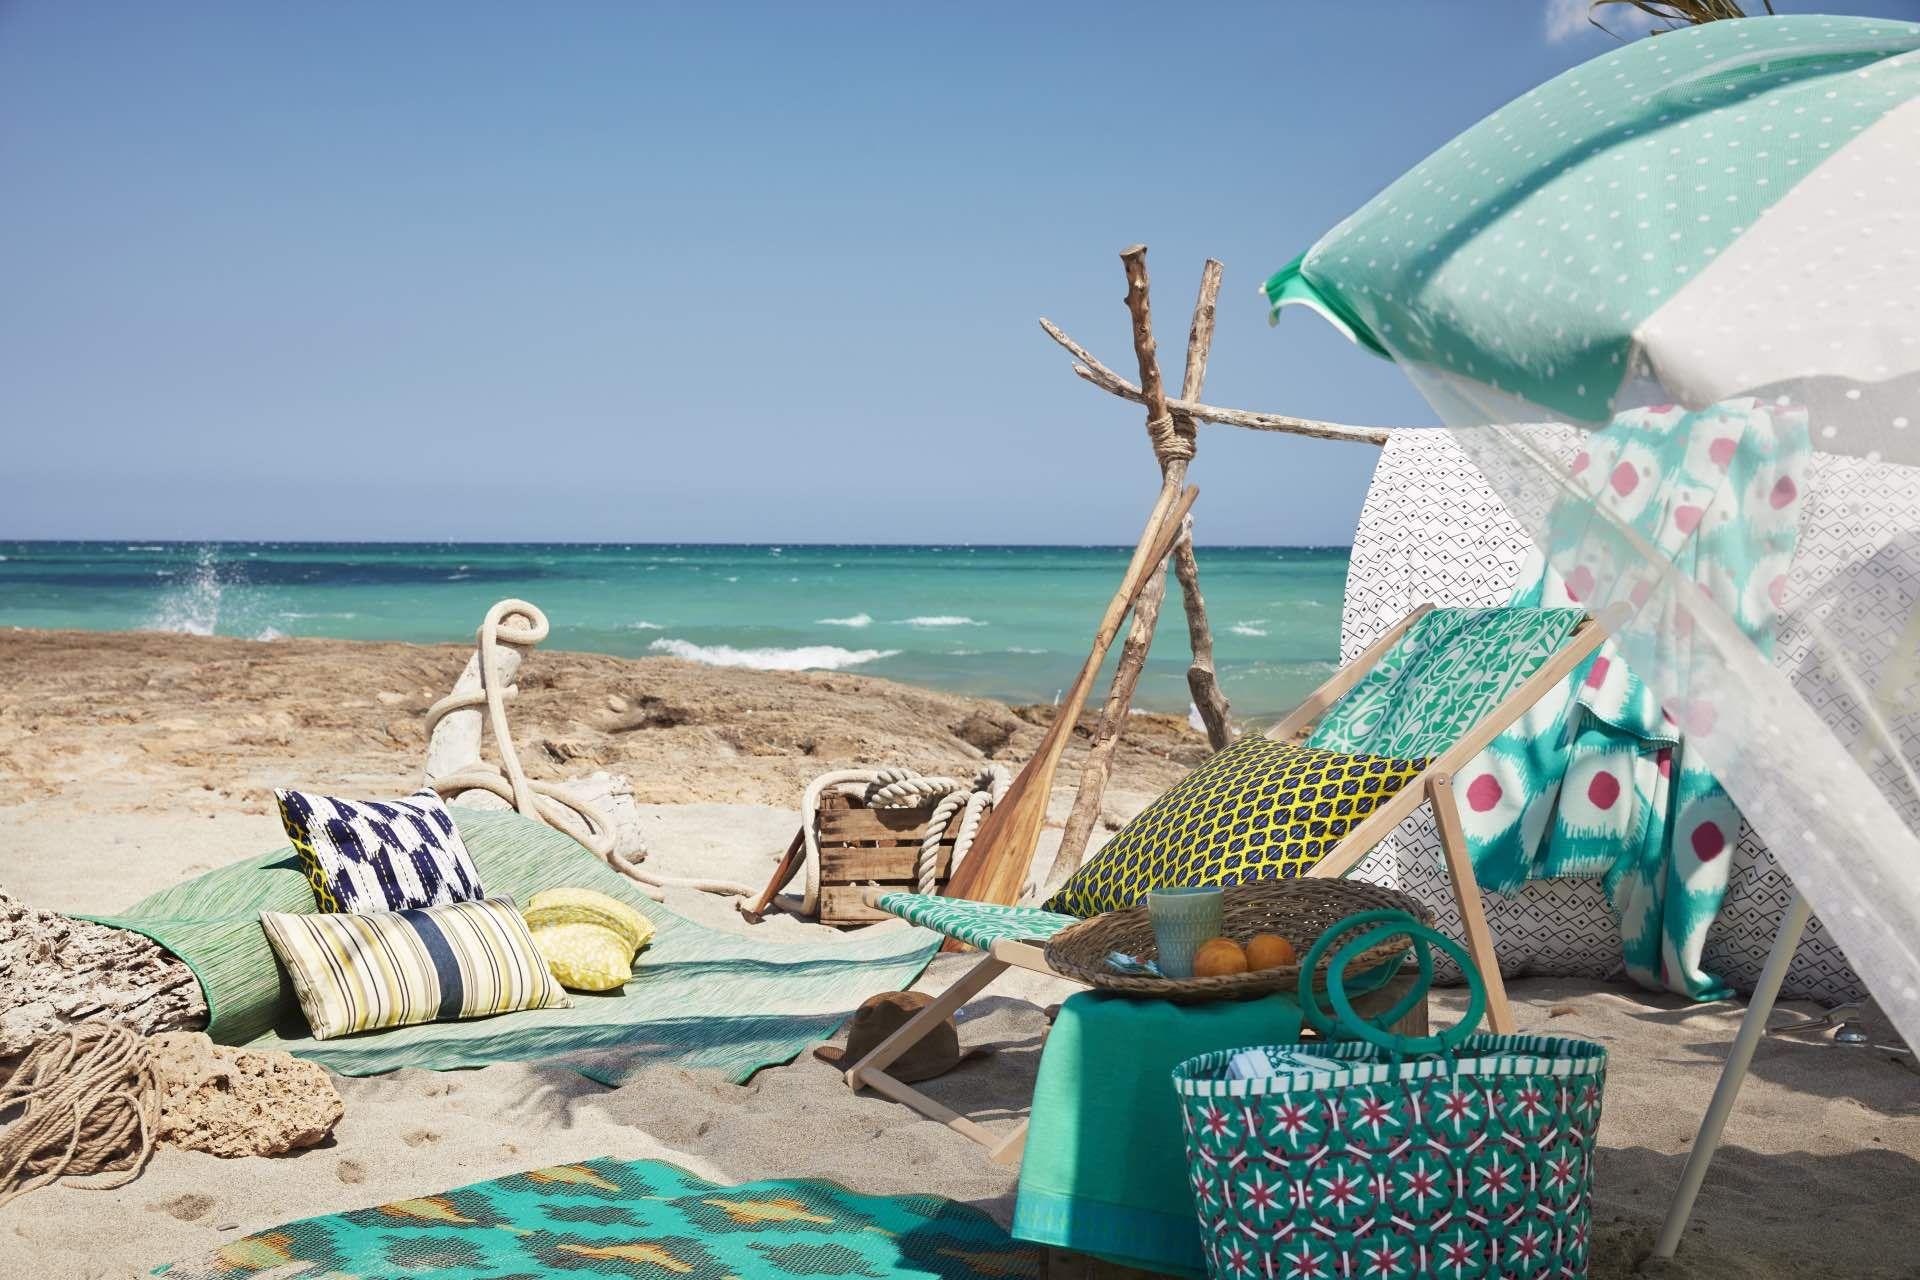 Un picnic de playa con toalla, hamaca y sombrilla